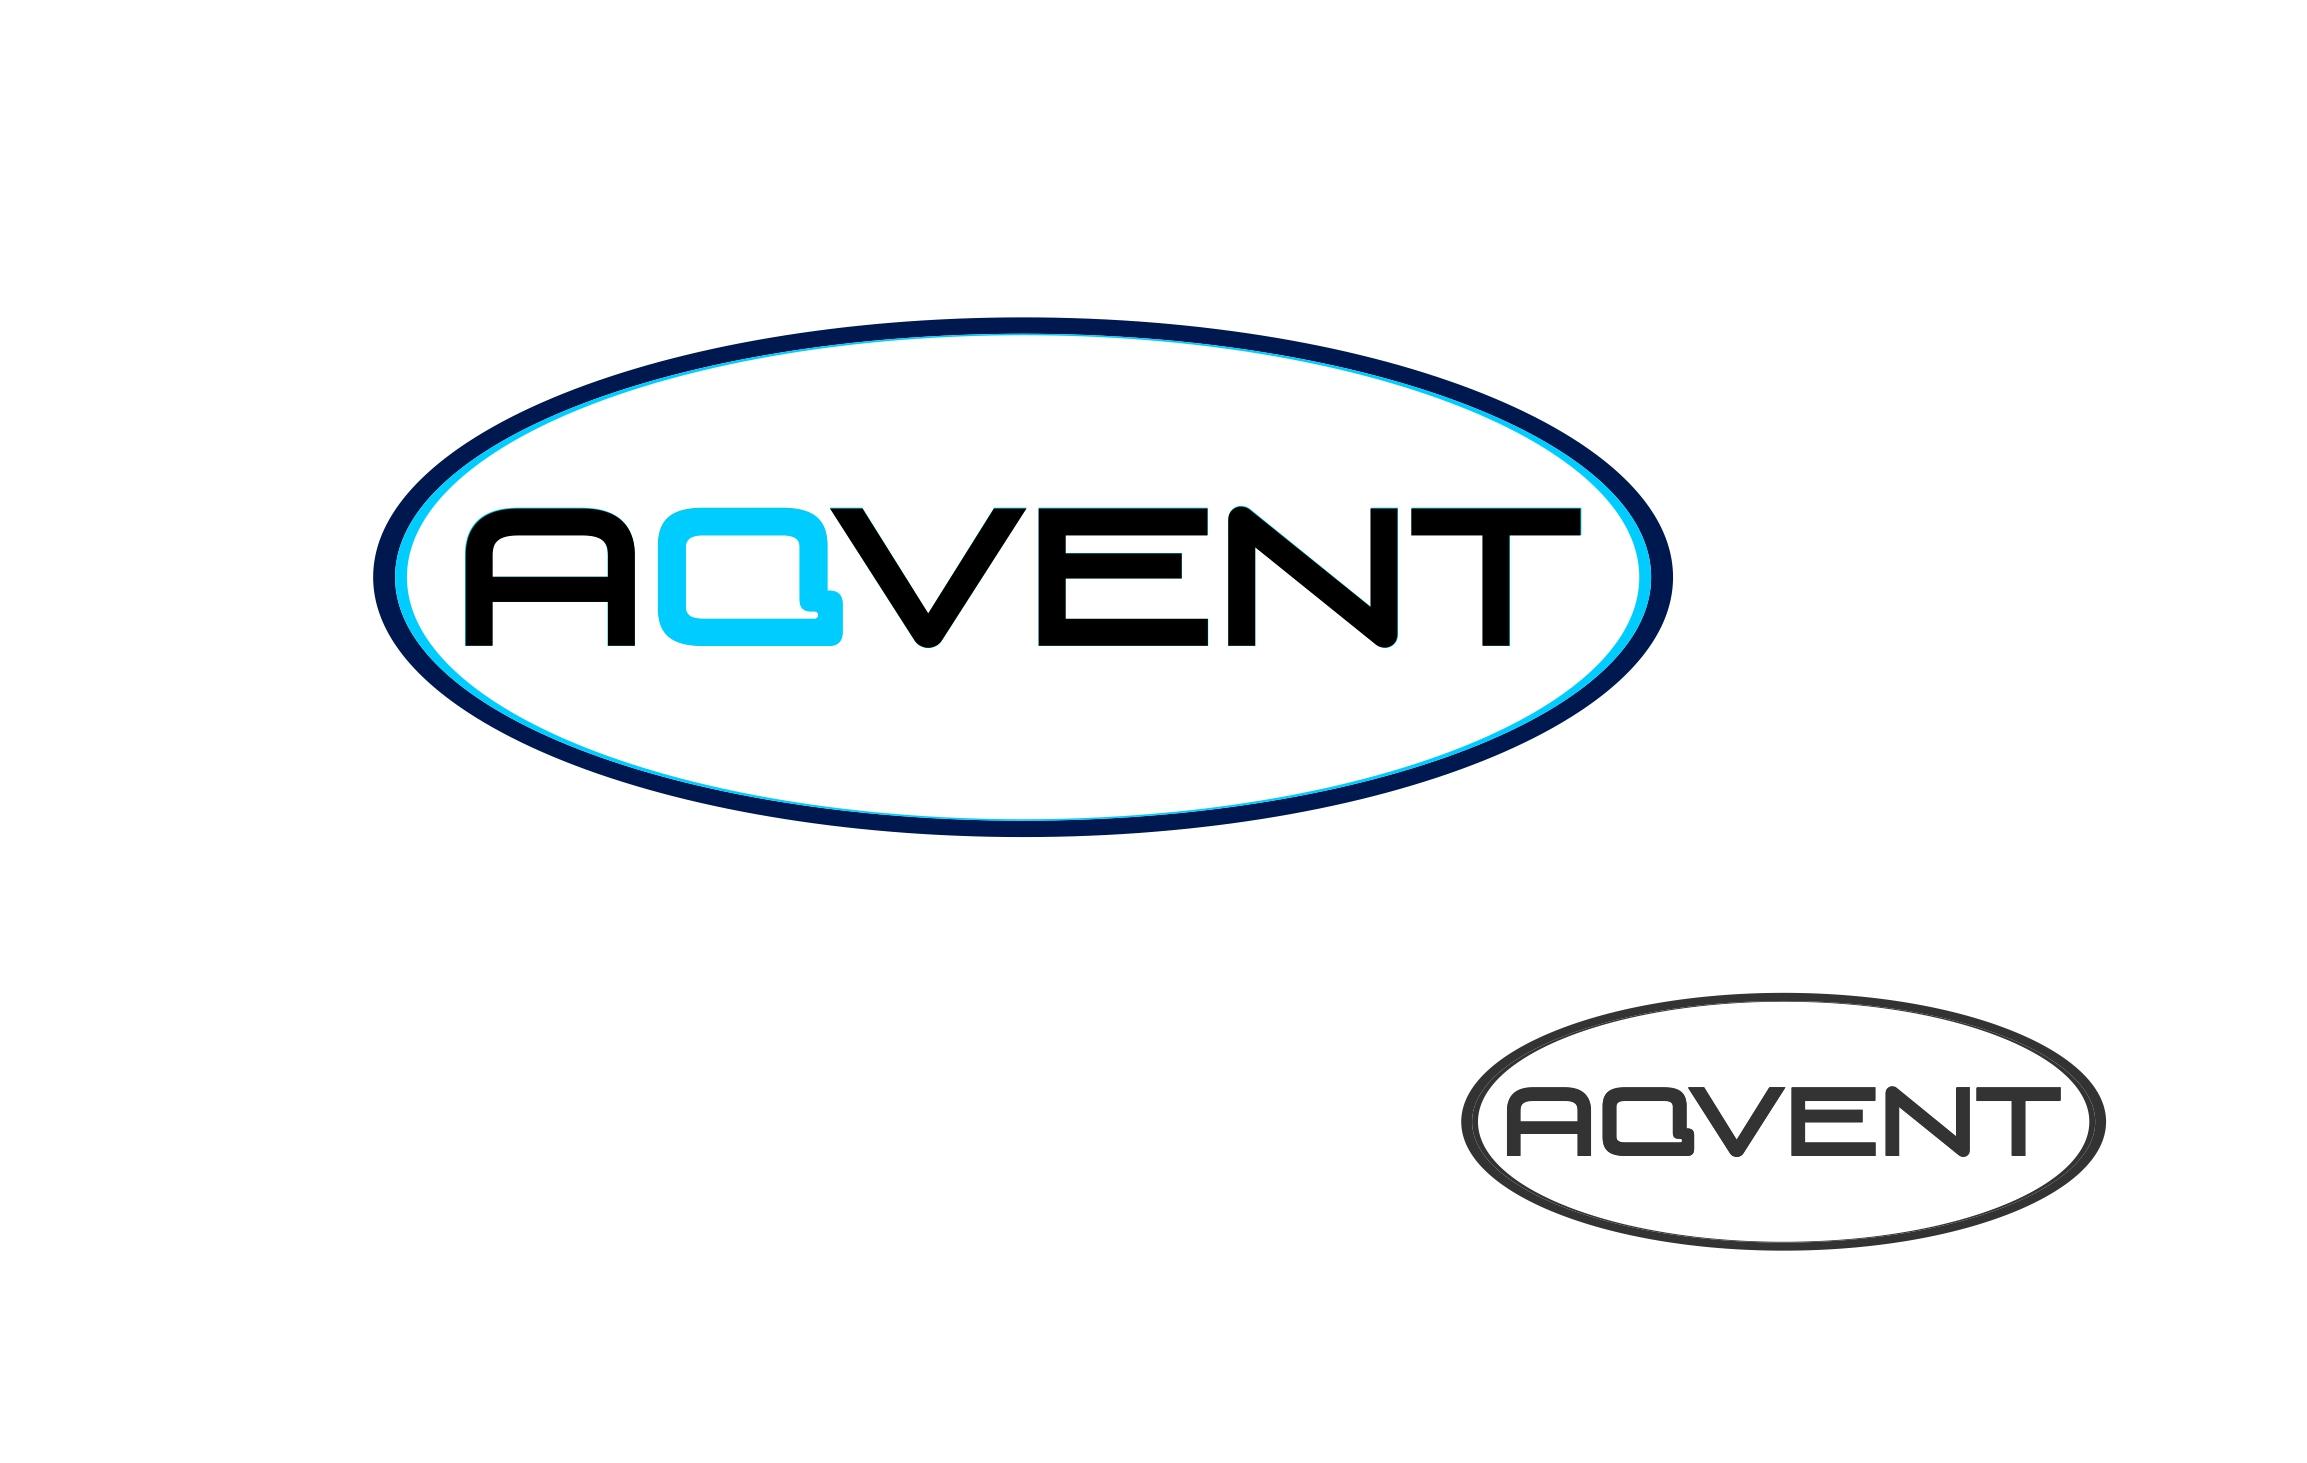 Логотип AQVENT фото f_185527d2af013dab.jpg